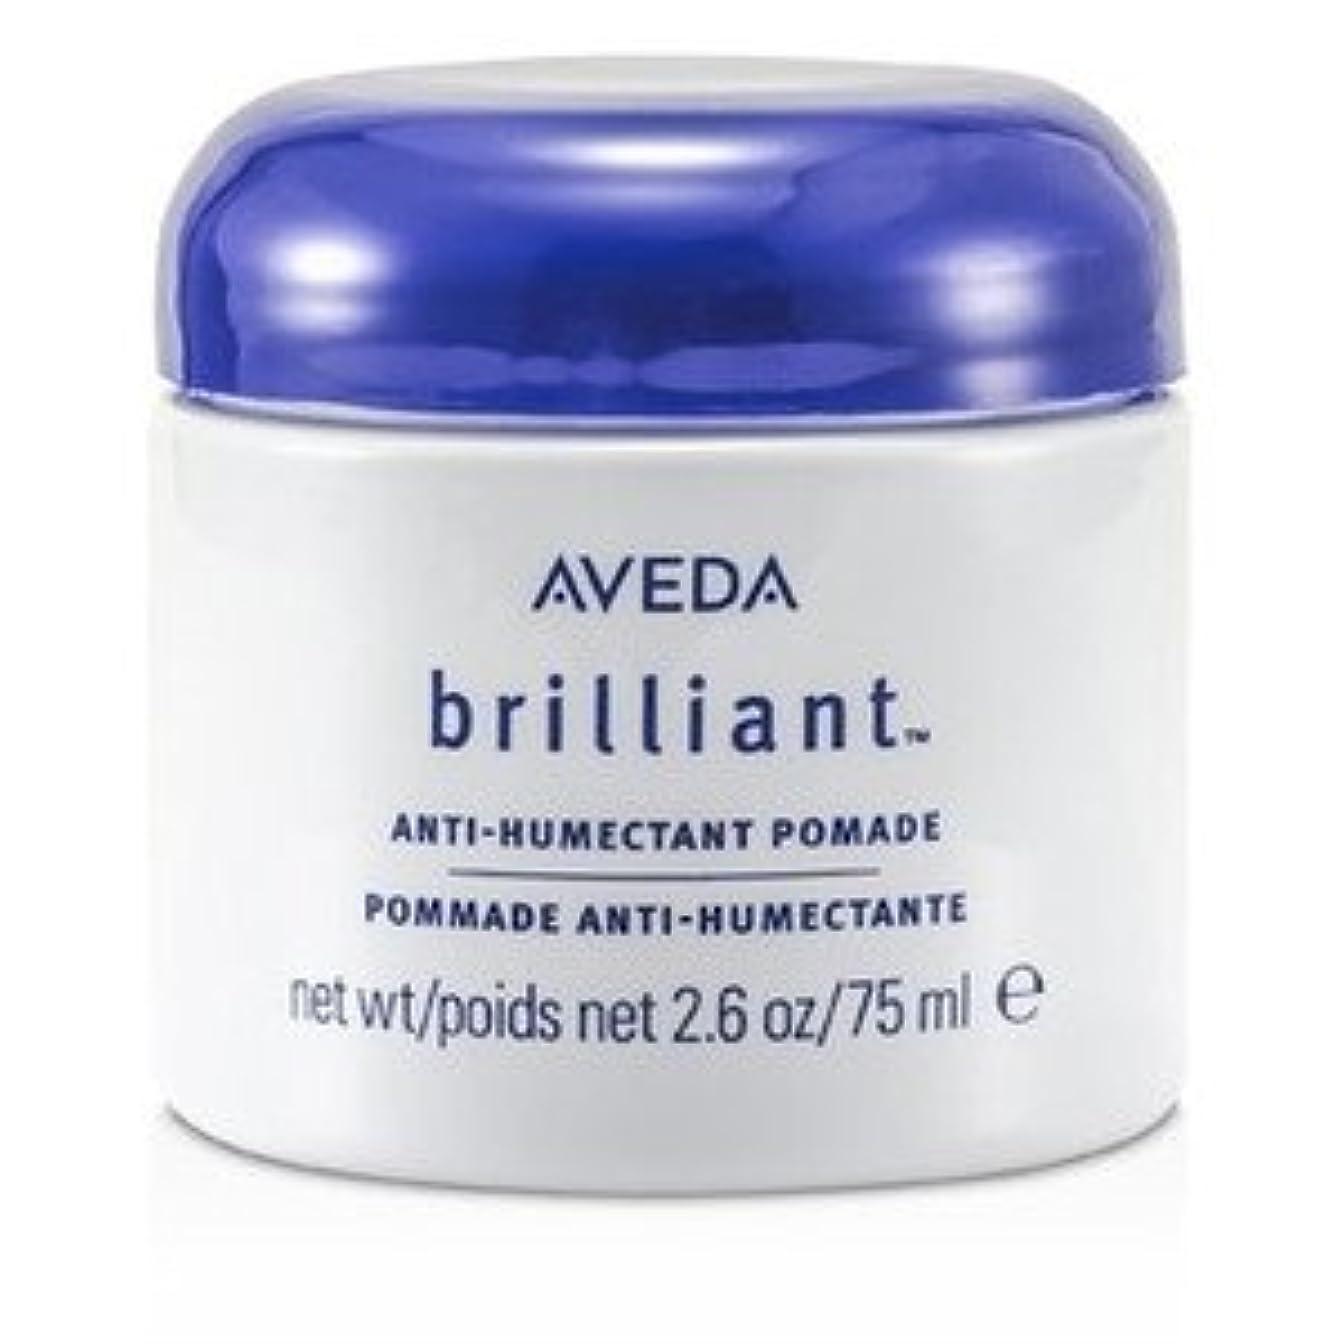 利用可能変装したAveda(アヴェダ) ブリリアント アンチ-ホメクタント ポマード 75ml/2.6oz [並行輸入品]